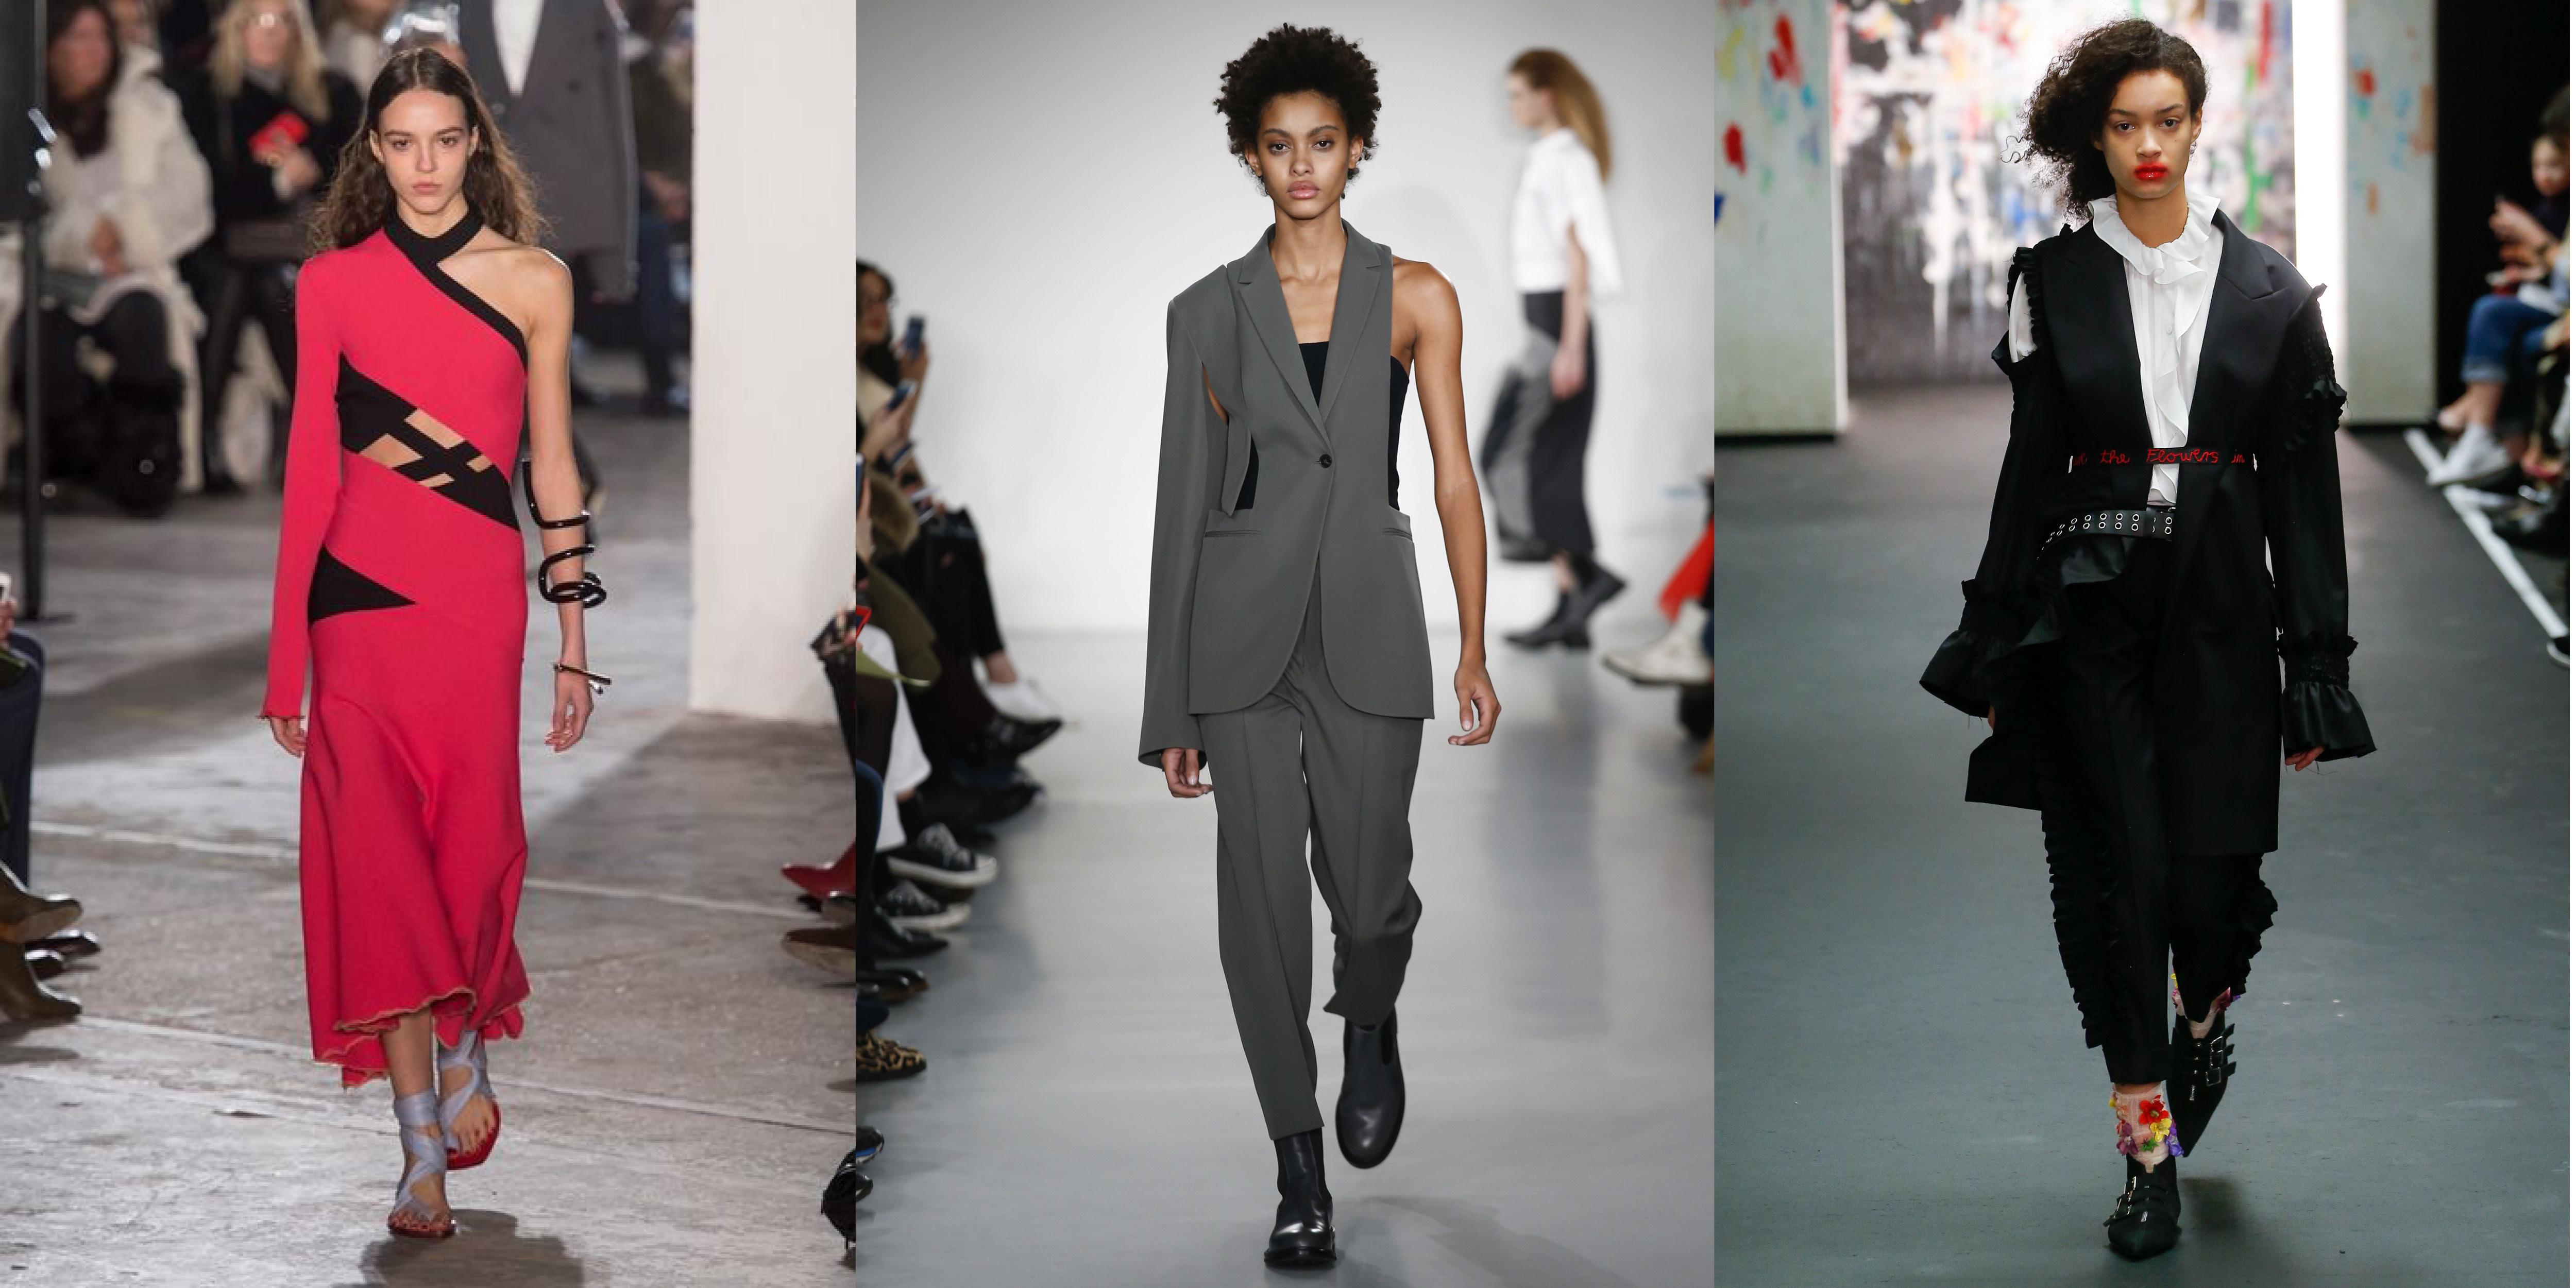 Пиджак с платьем 2017-2018